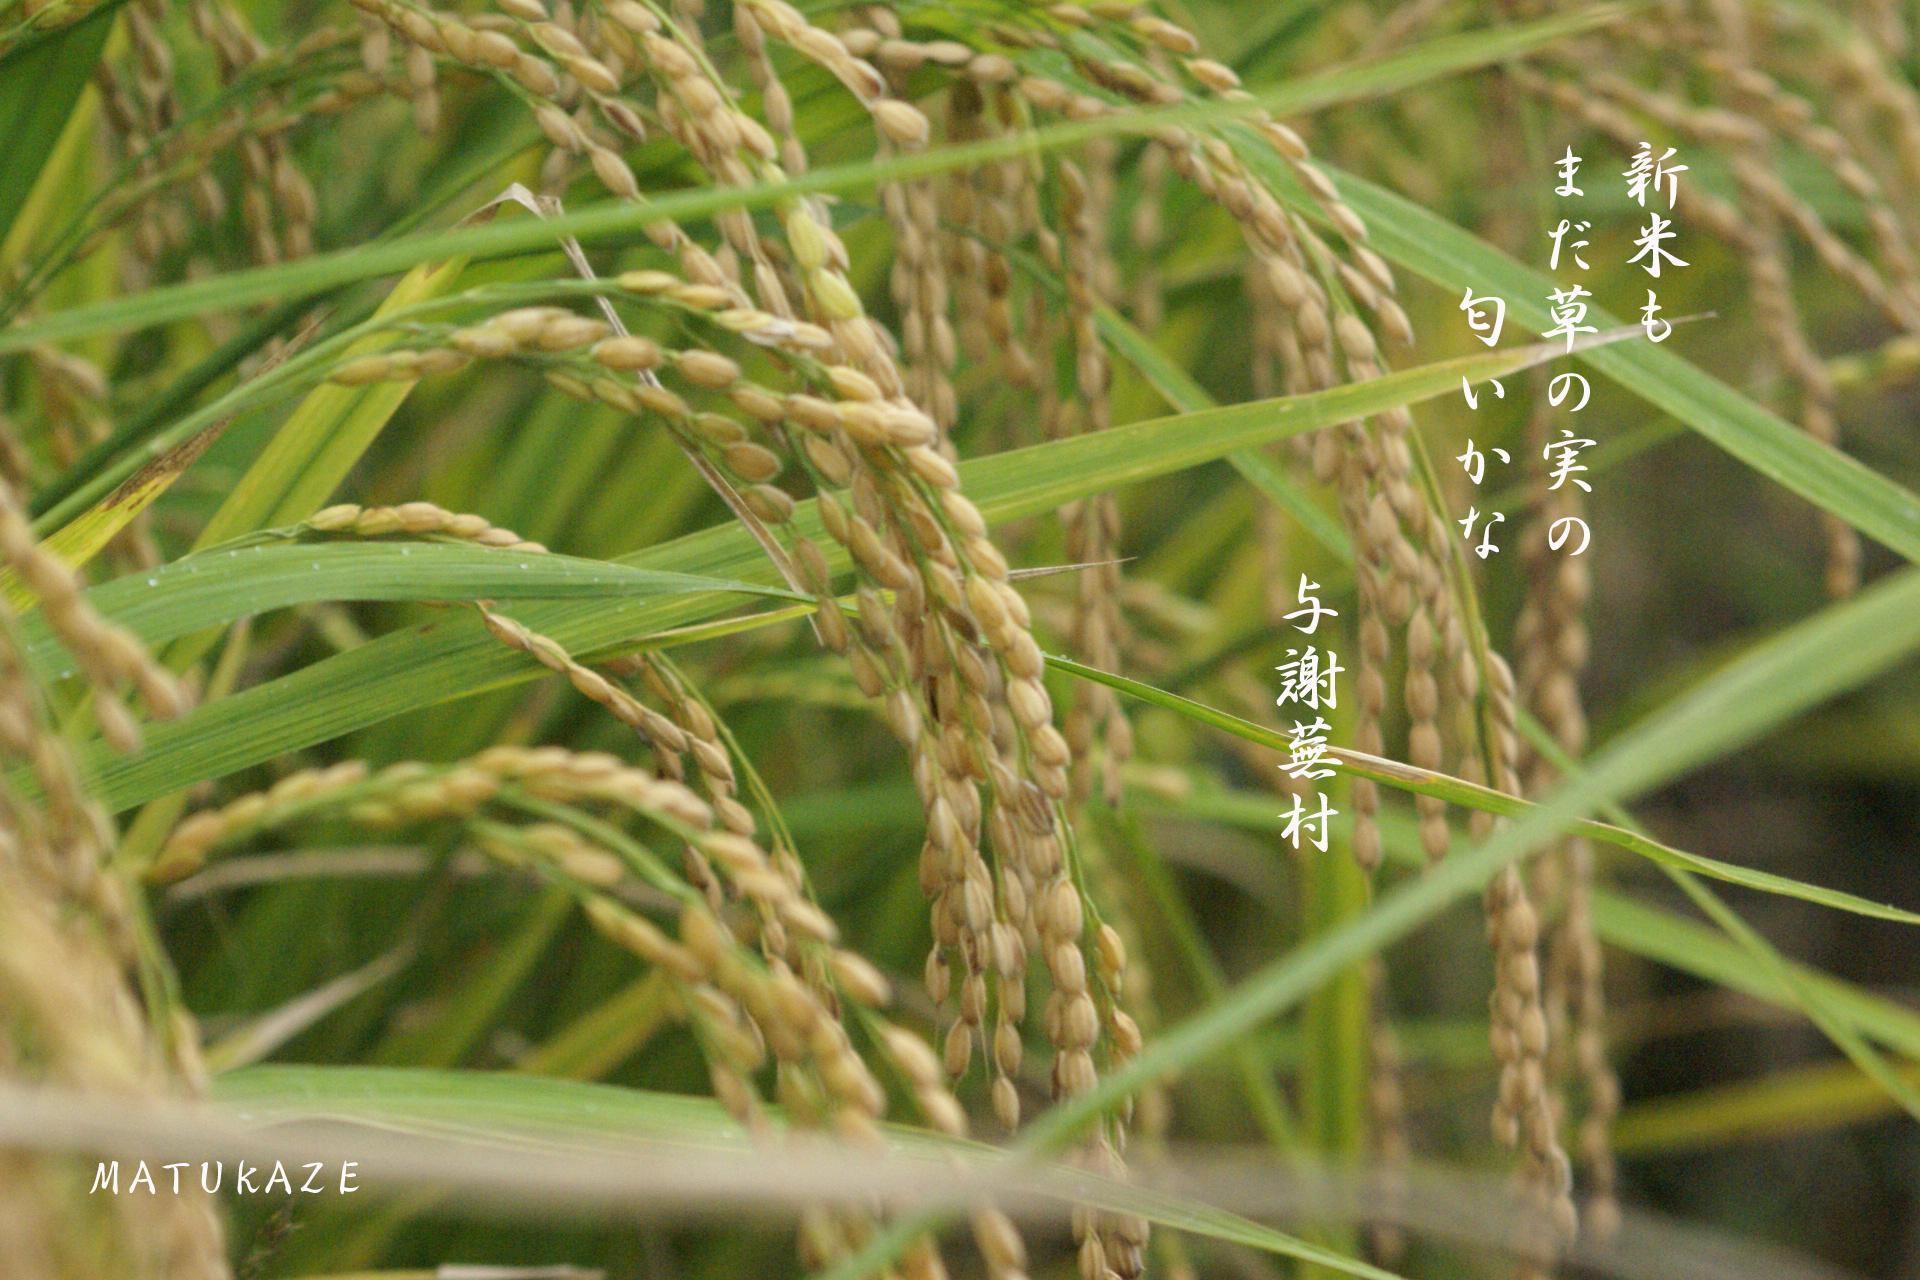 稲穂 稲 以下 HANA300.comより抜粋 ・稲(いね)科。 ・学名 O...  写真俳句~